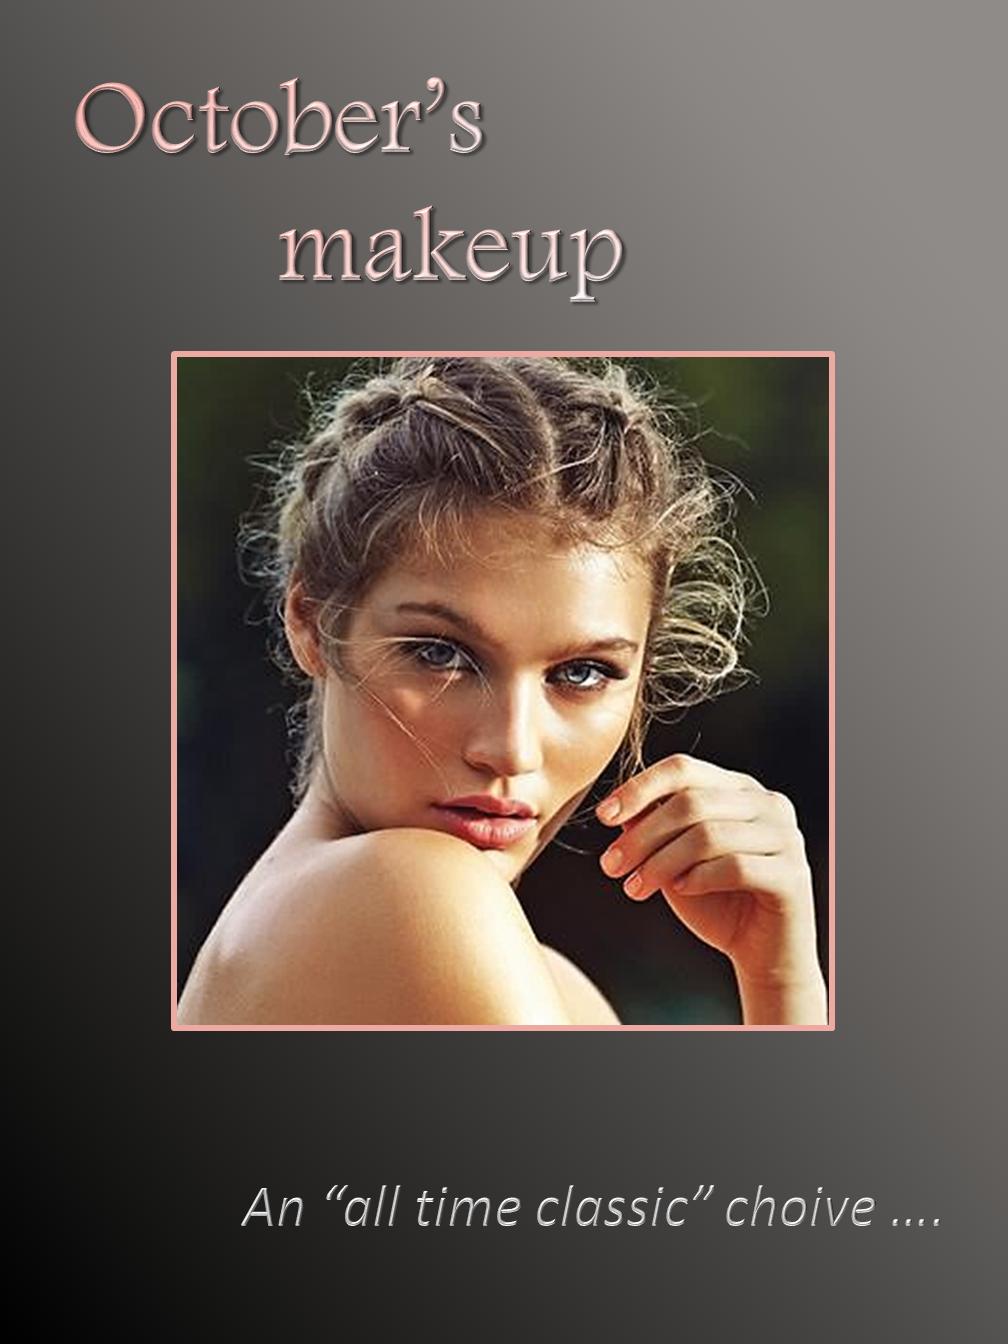 October's Makeup